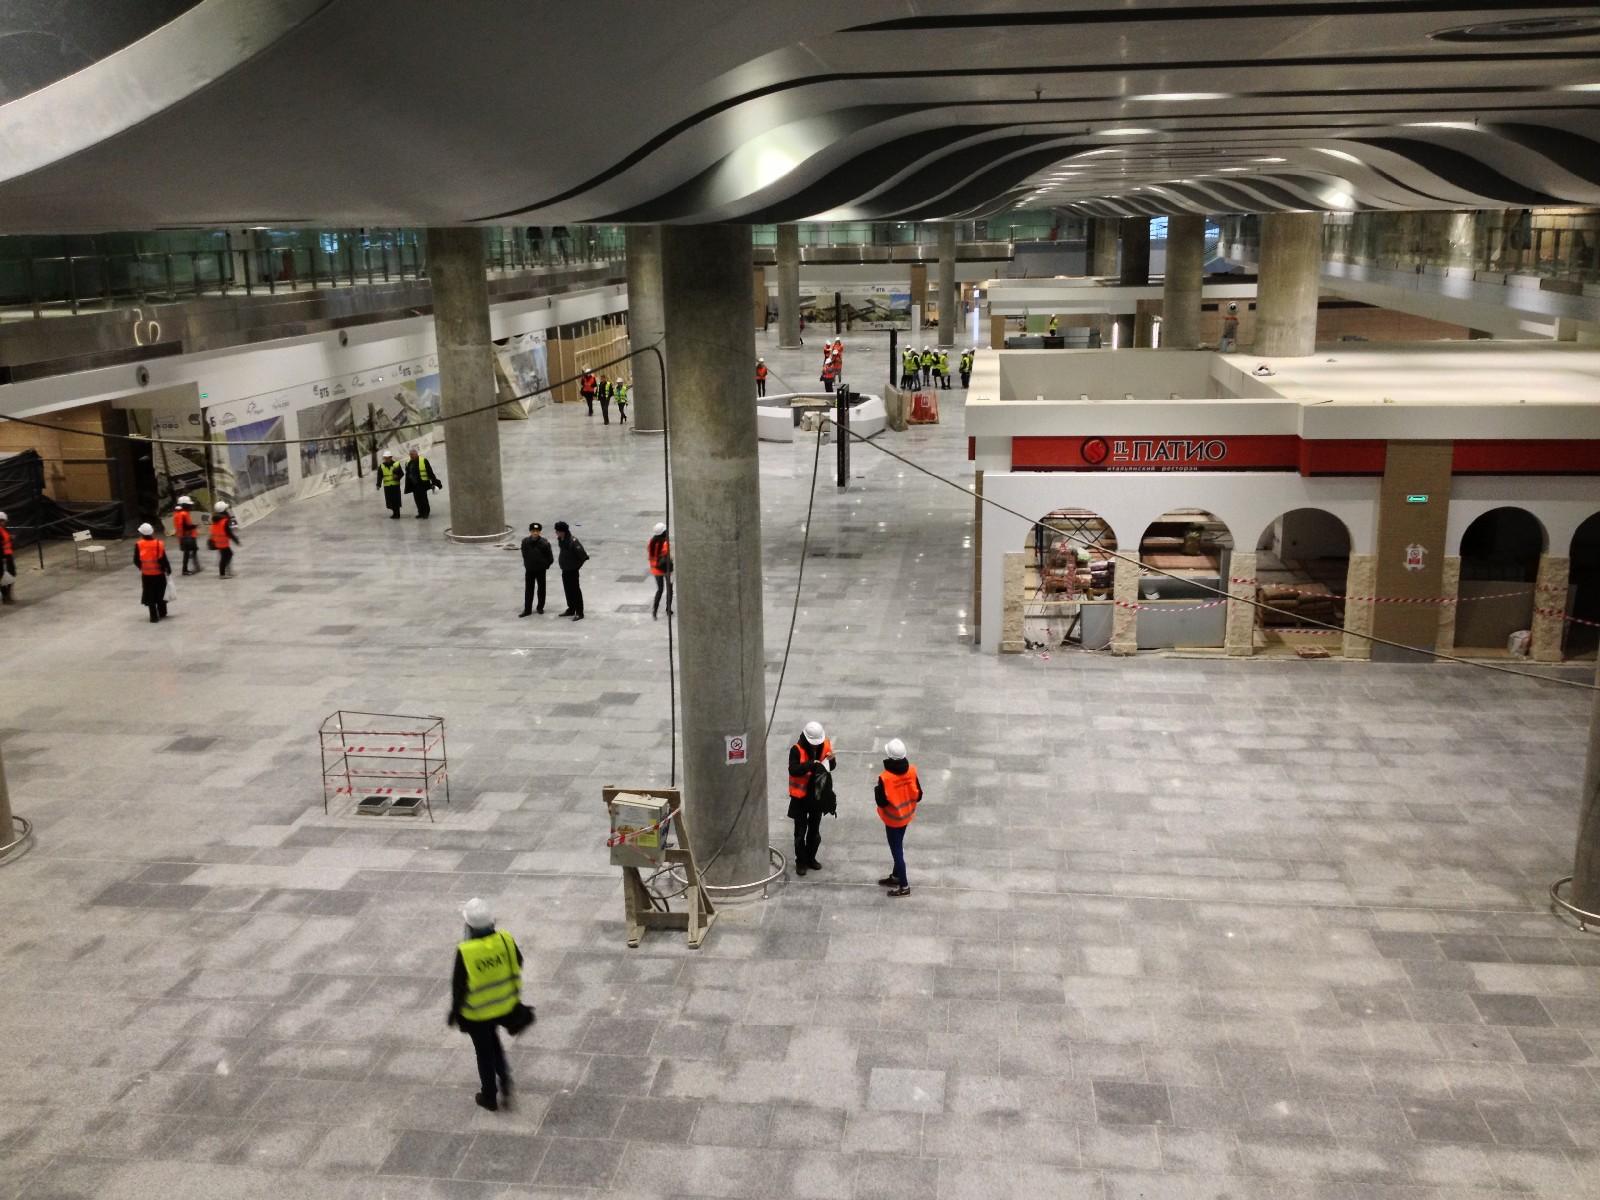 Первый этаж терминала (зона прилета)